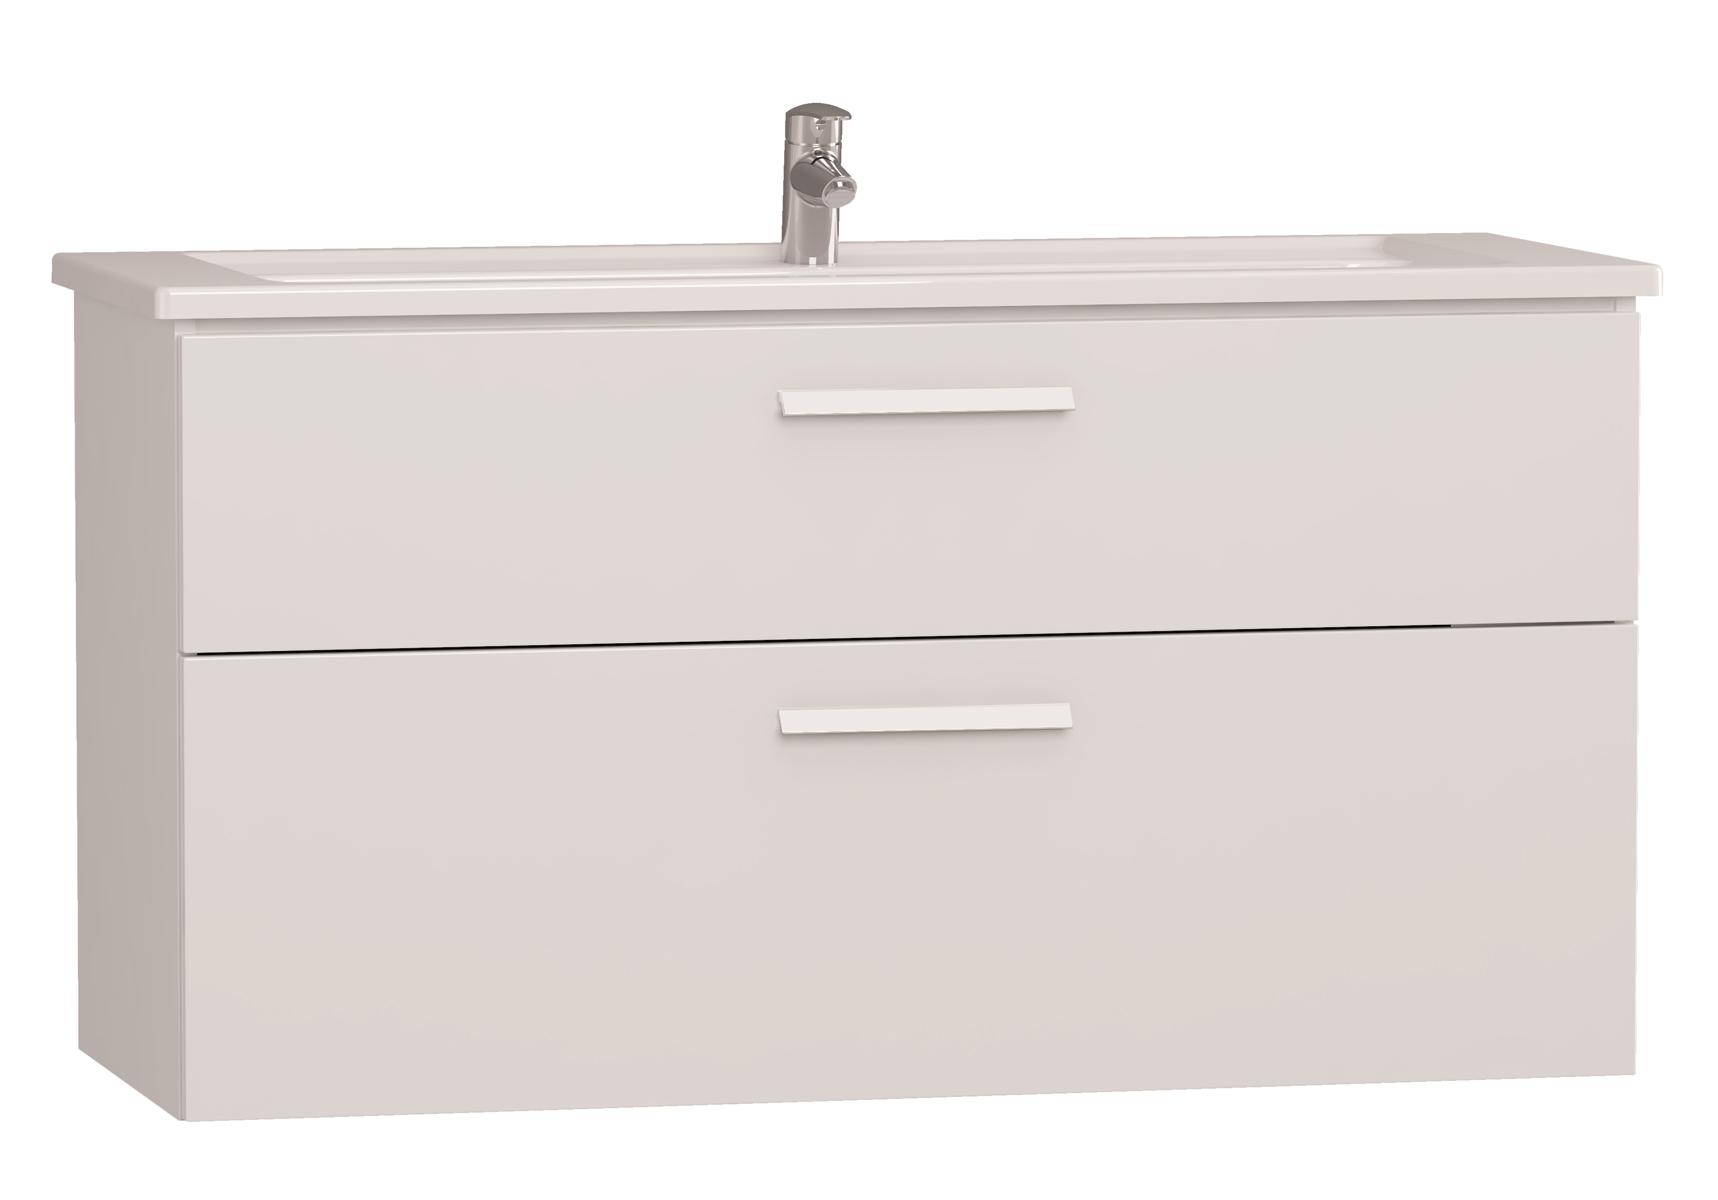 Integra meuble avec plan céramique avec deux tiroirs, 120 cm, blanc haute brillance